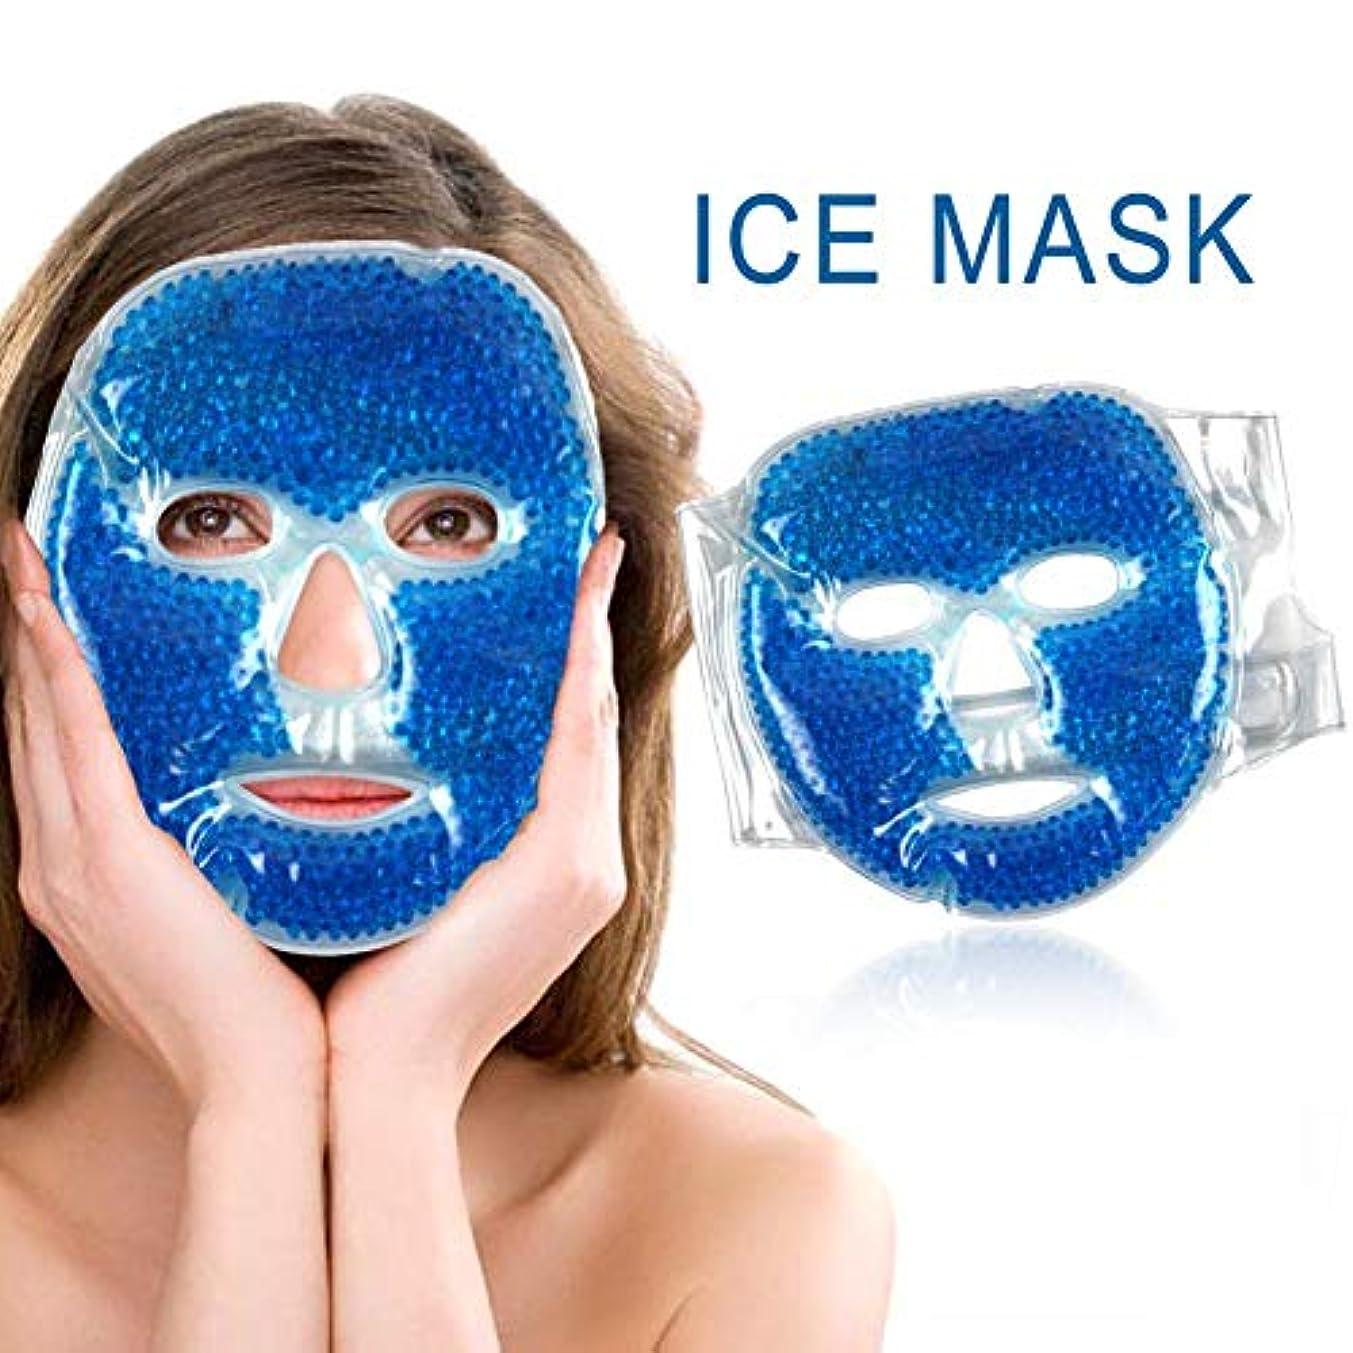 食事を調理する理由真実にSILUN フェイスマスク 冷温兼用 アイスマスク 美容用 再利用可能 毛細血管収縮 疲労緩和 肌ケア 保湿 吸収しやすい 美容マッサージ